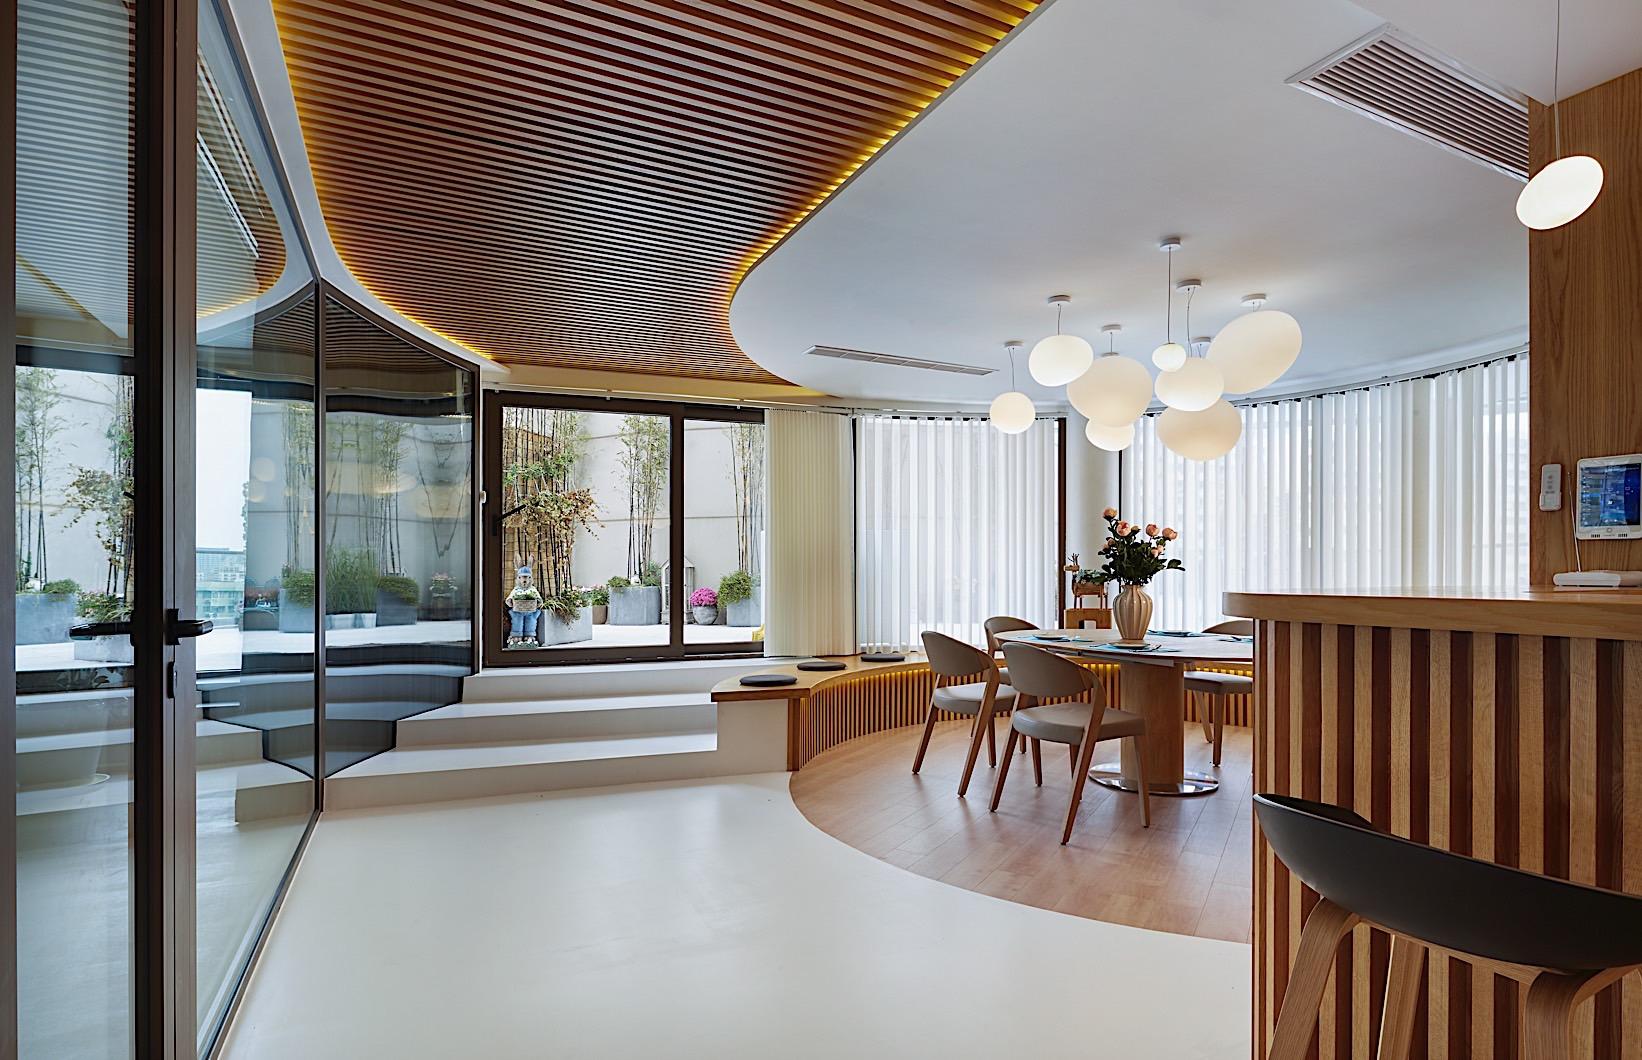 徐汇豪宅 中凯城市 大平层装修 现代风格 客厅图片来自孔继民在徐汇中凯城市之光450平大平层的分享